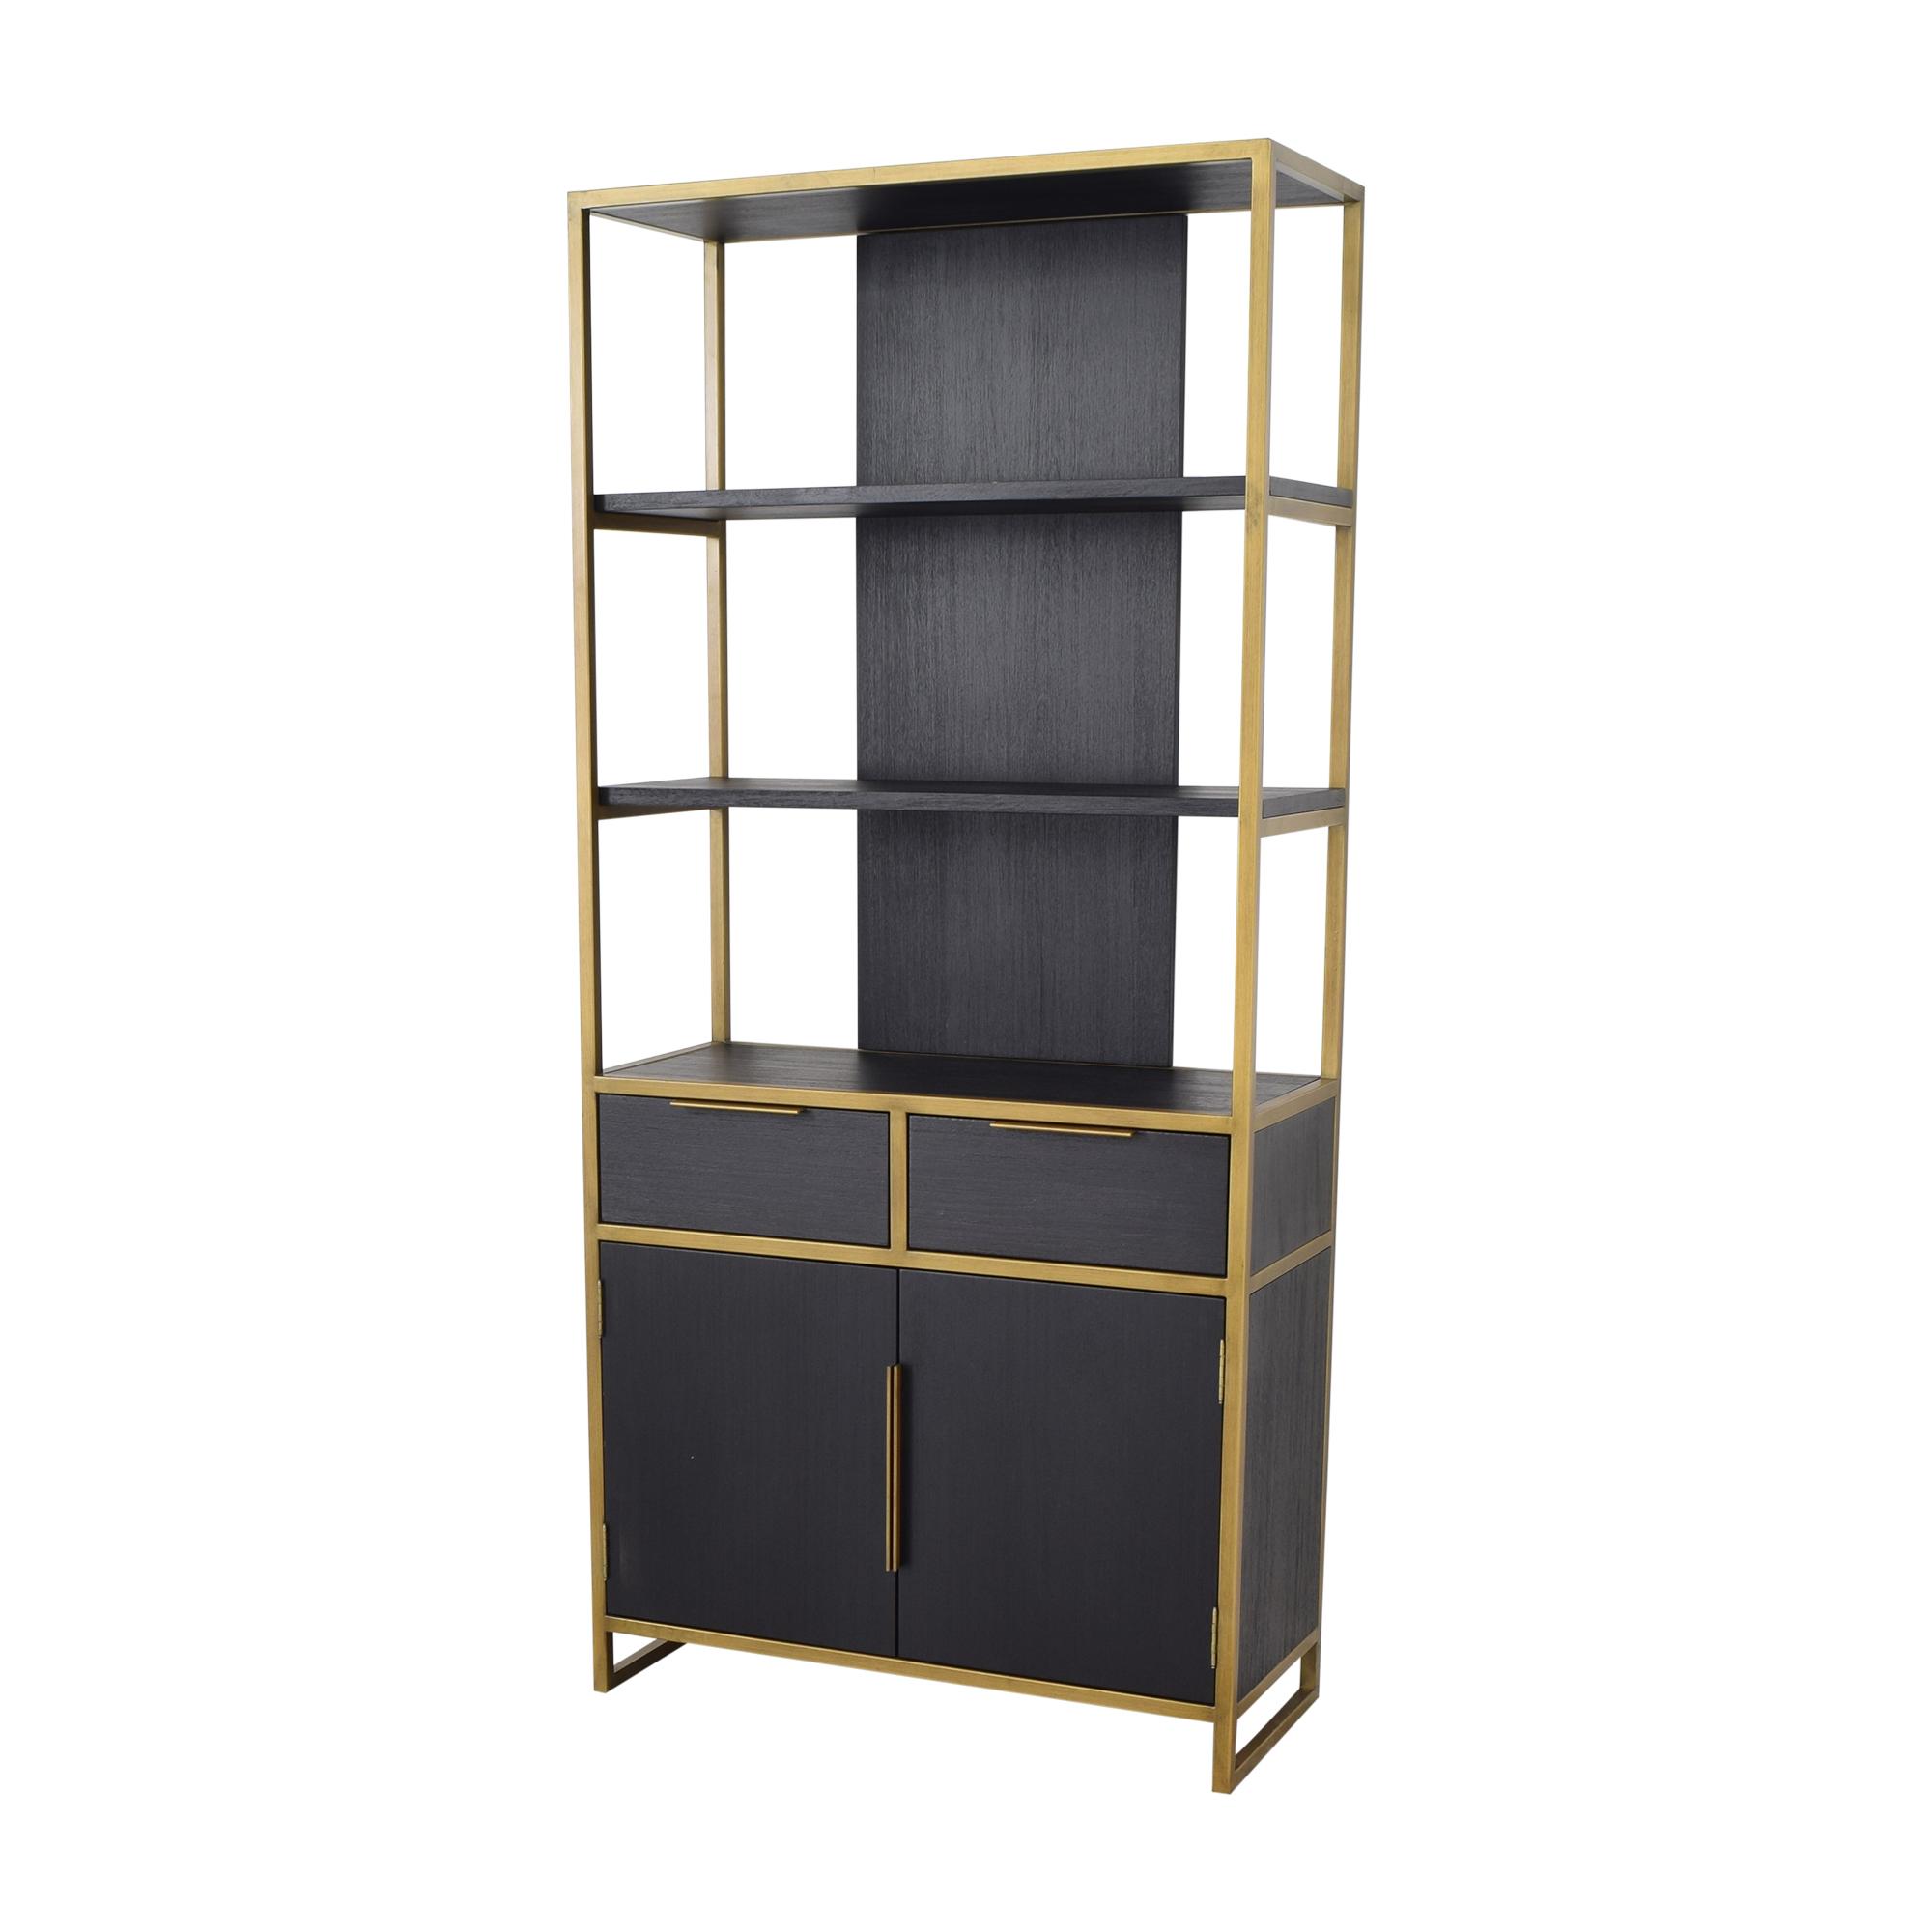 Crate & Barrel Crate & Barrel Oxford Wide Storage Bookcase